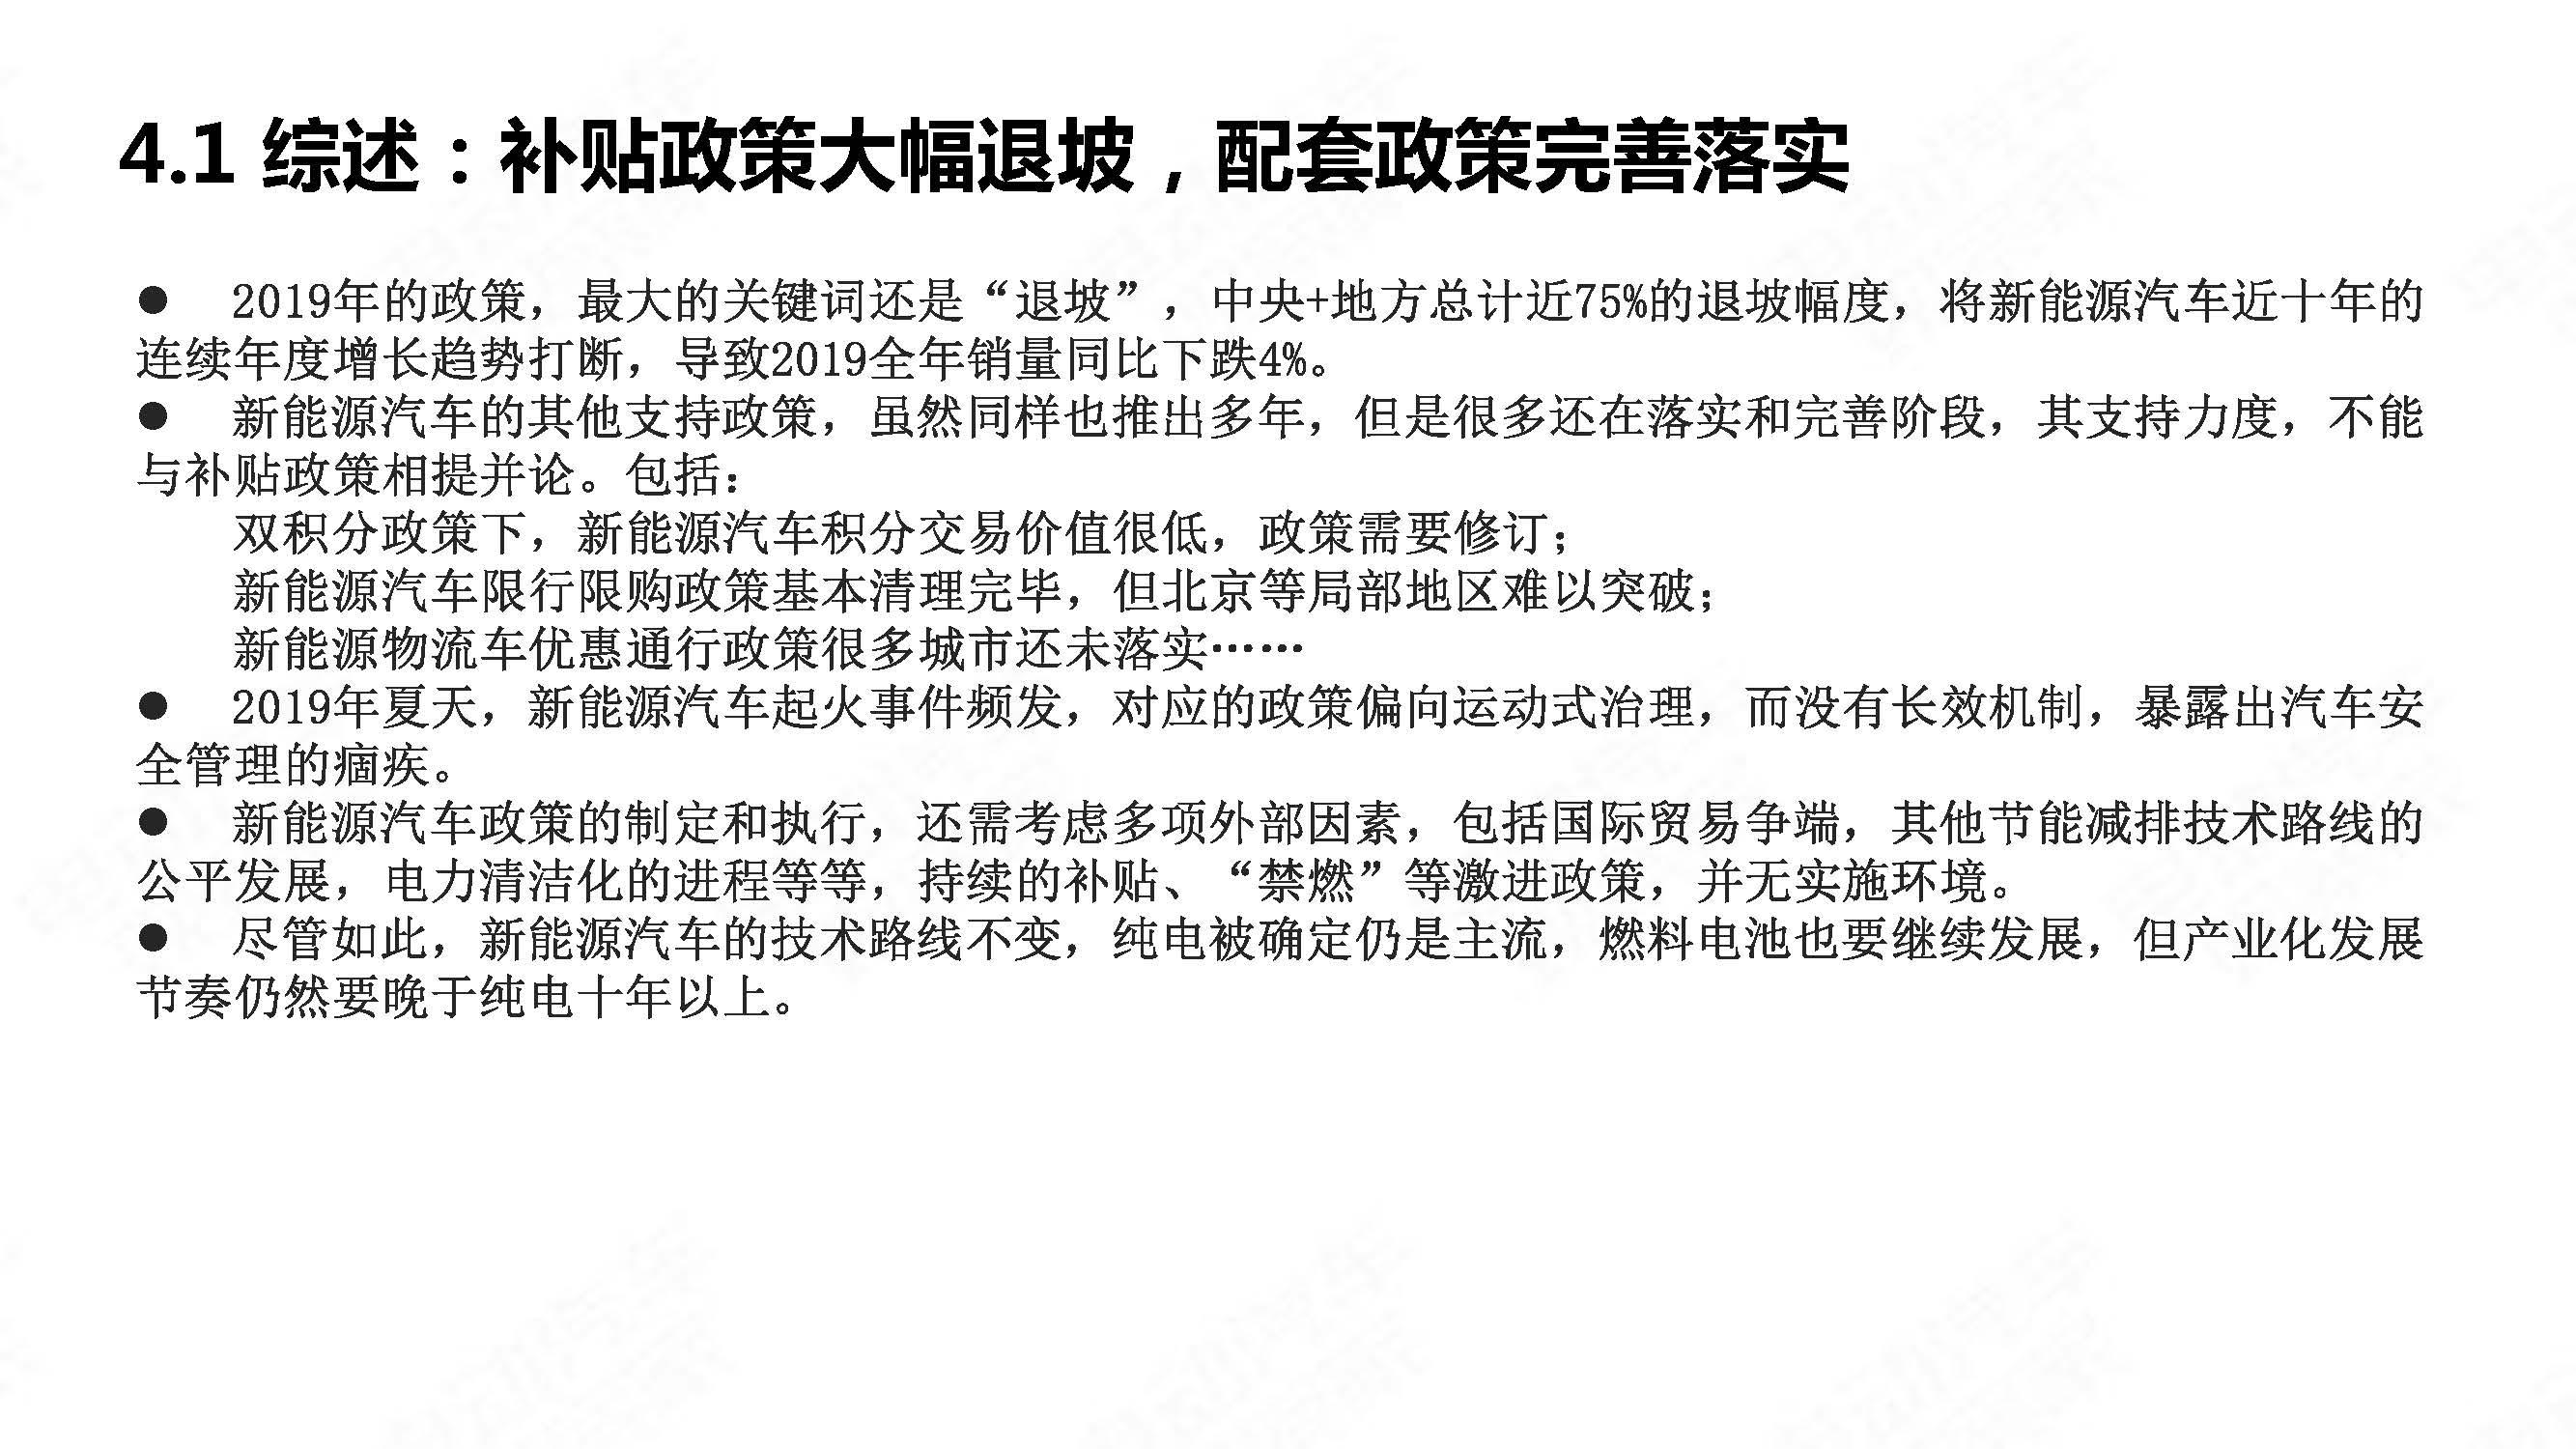 中国新能源汽车产业年度观察2020 简版_页面_41